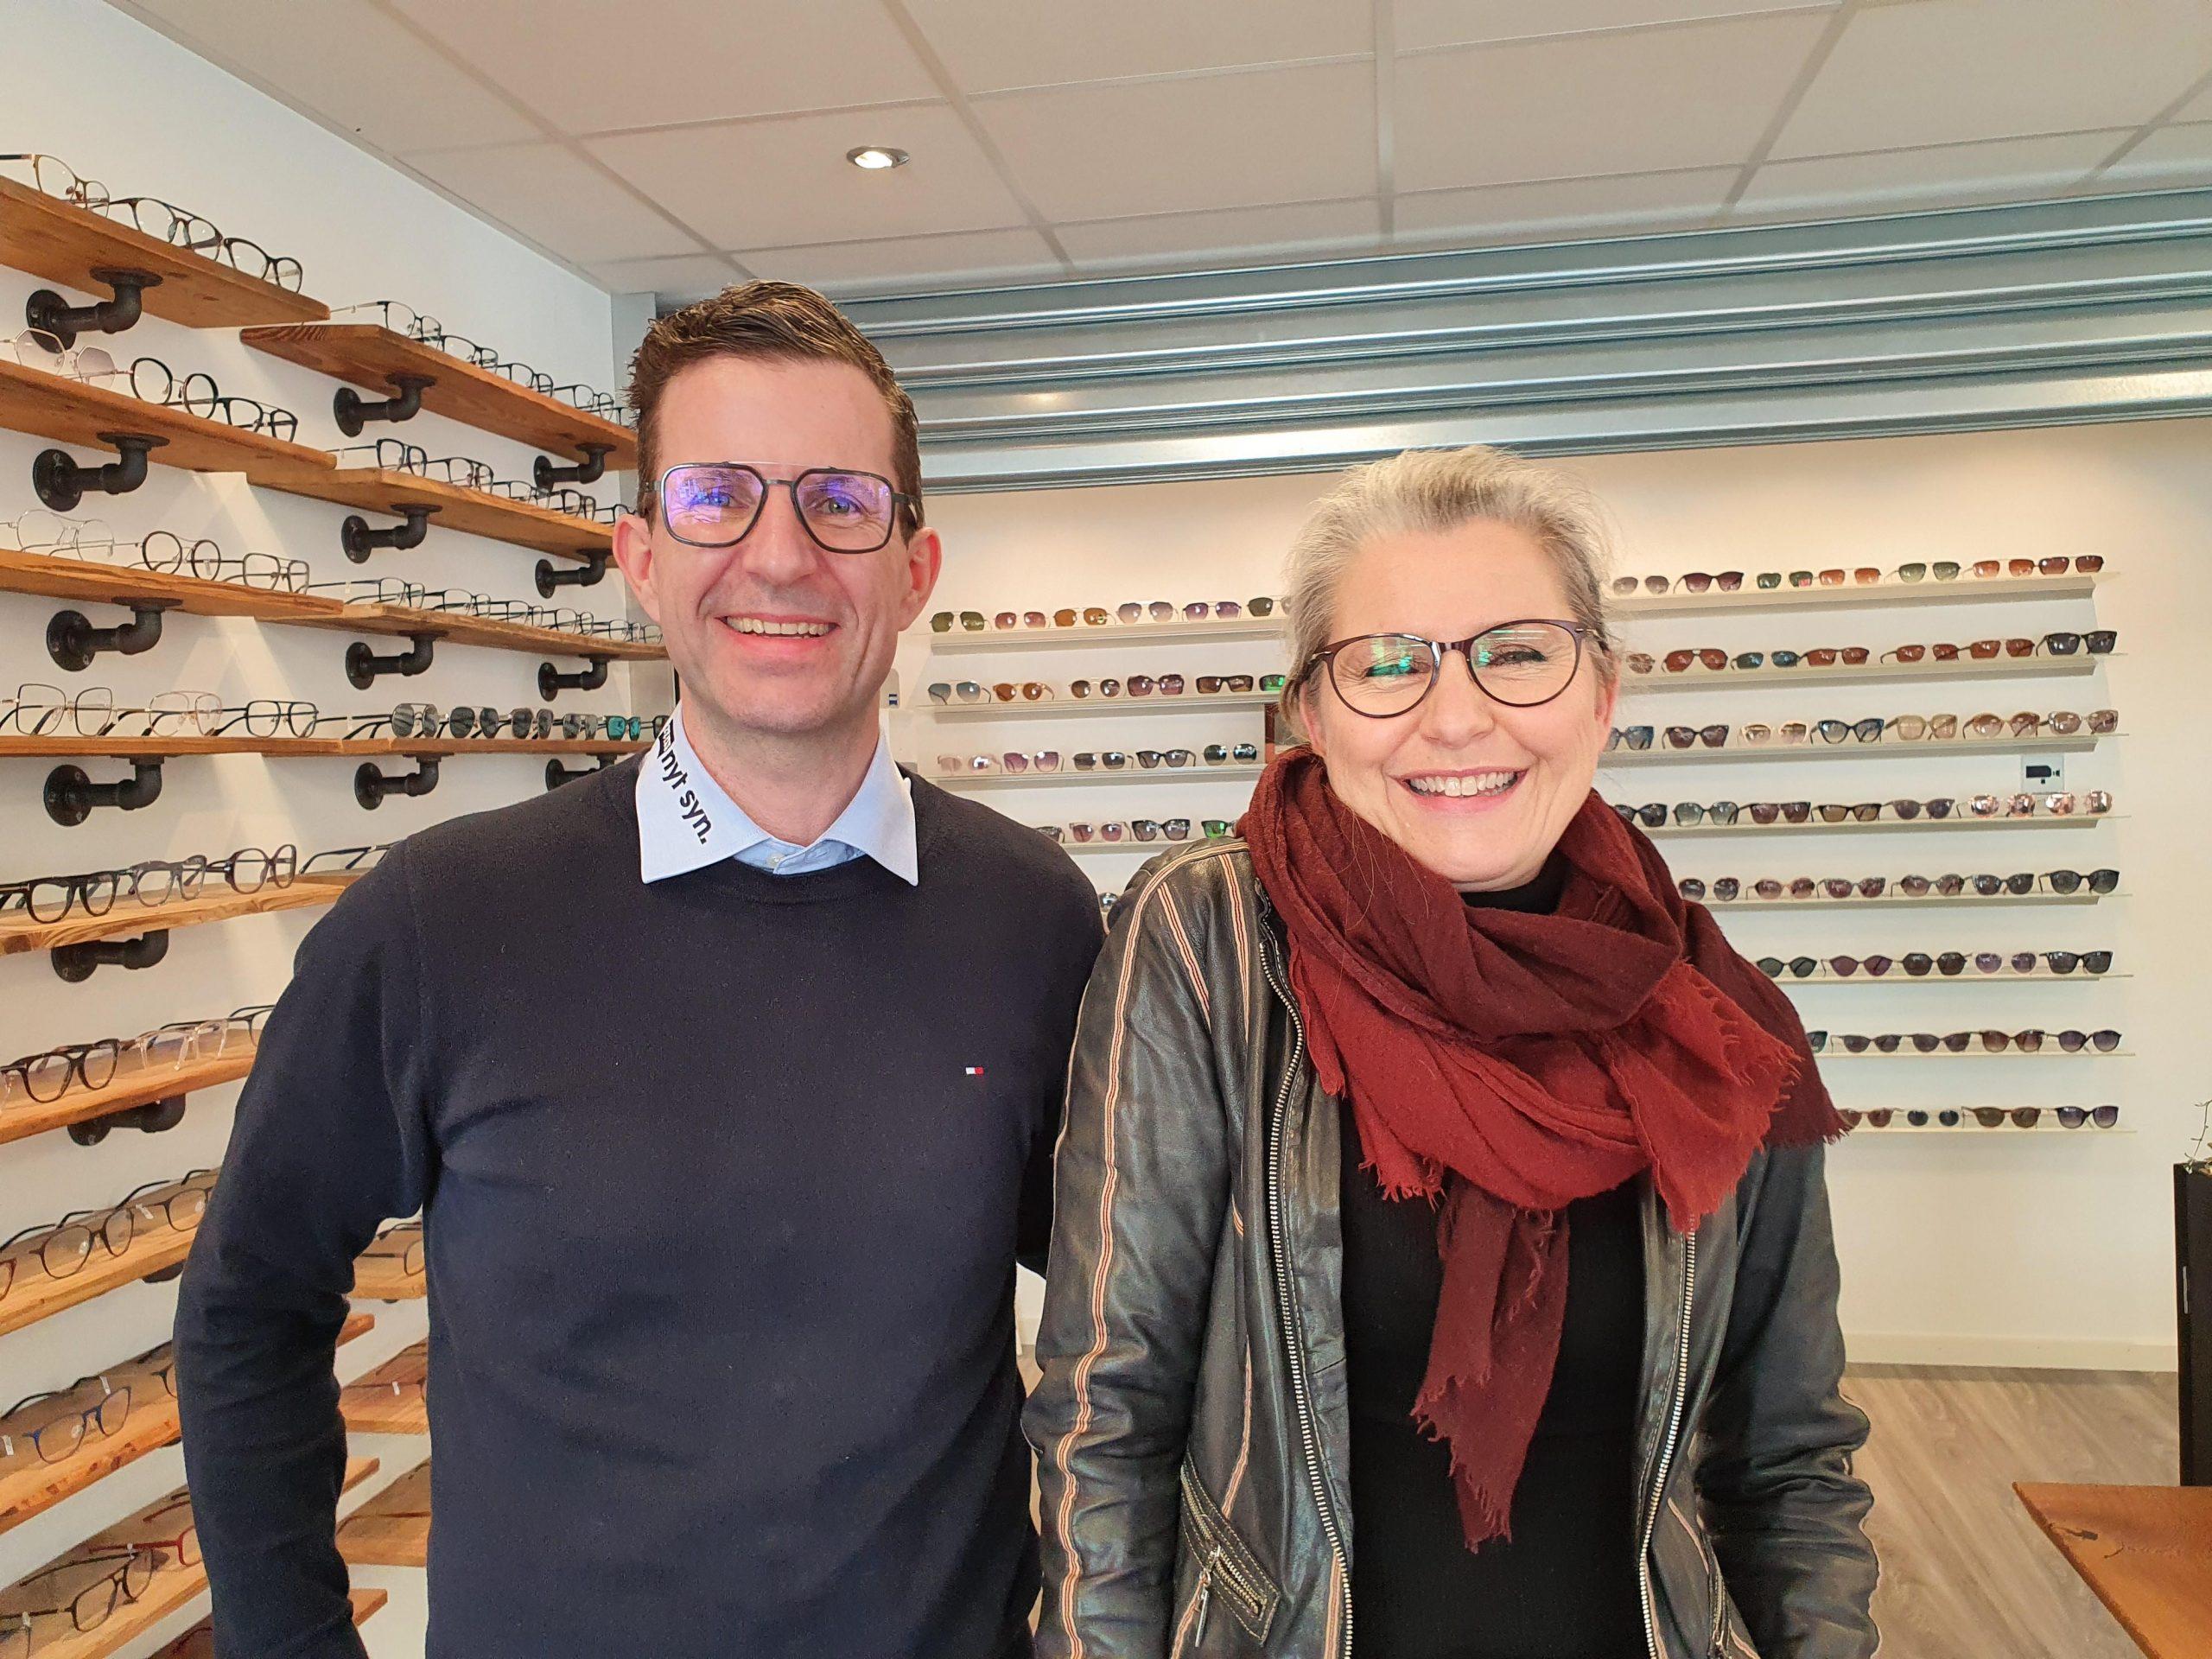 """Når optikeren må kigge med """"nye briller"""" på forretningen"""